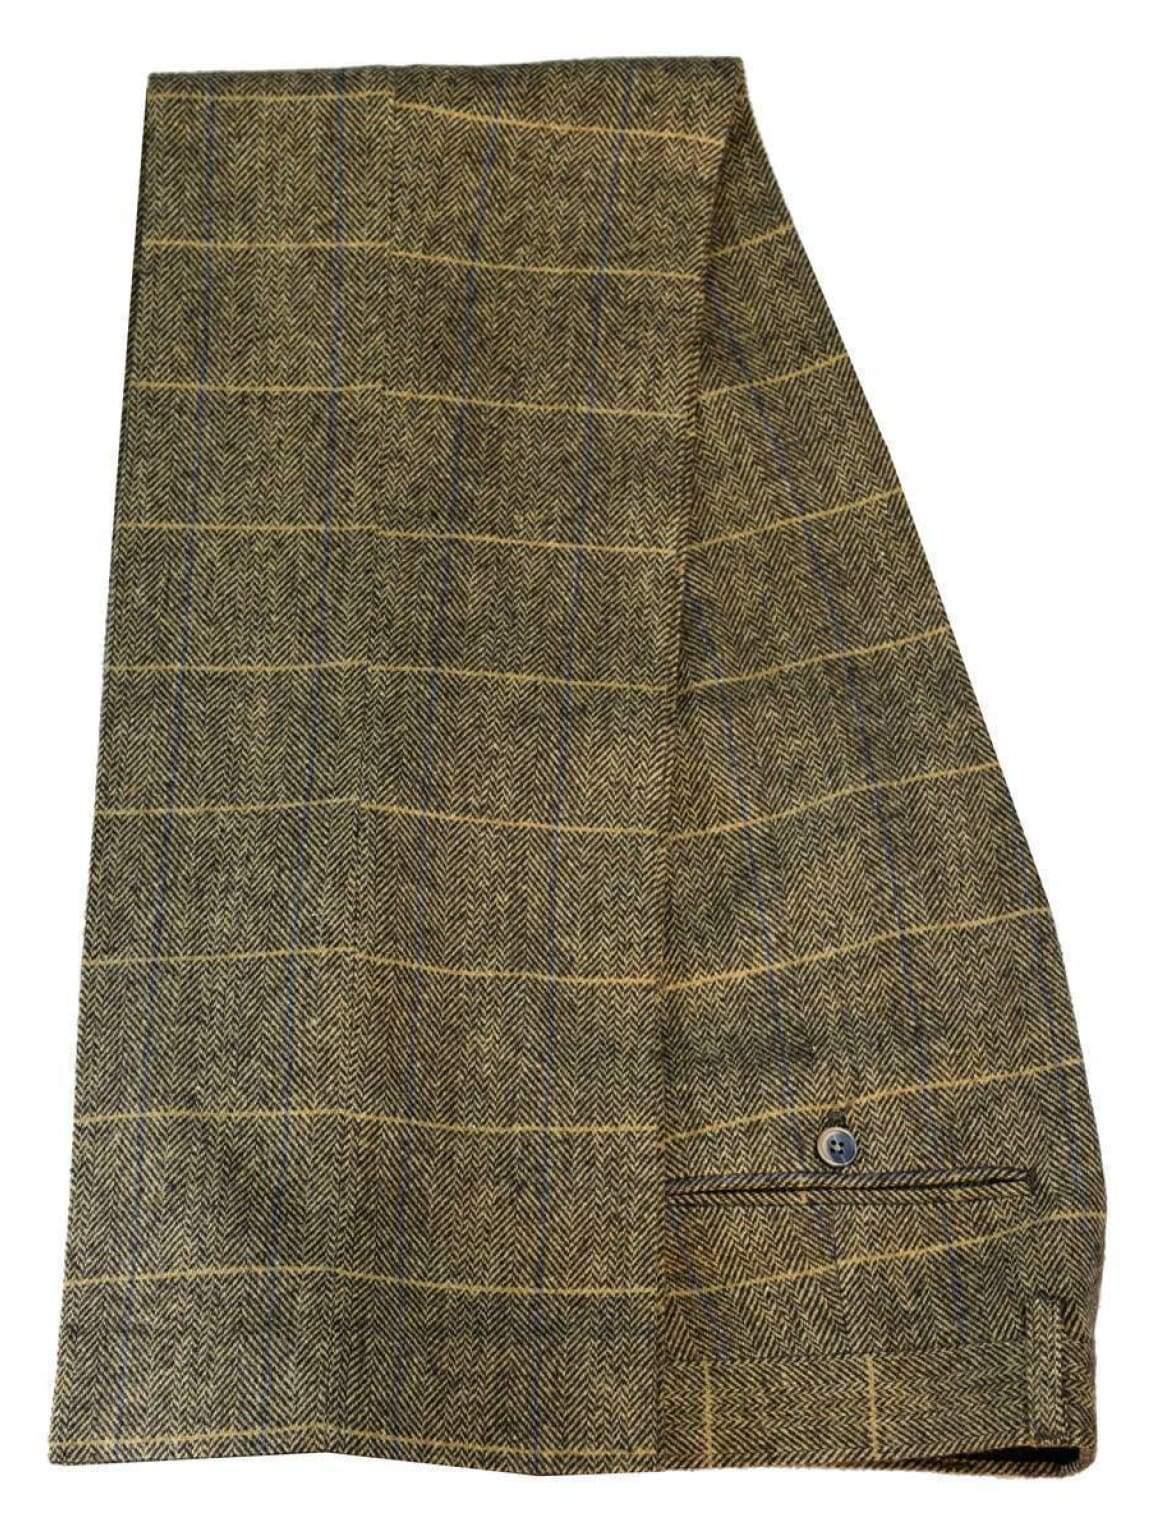 Cavani Albert Mens Beige Tan Brown Tweed Check Trousers - 30 - Suit & Tailoring